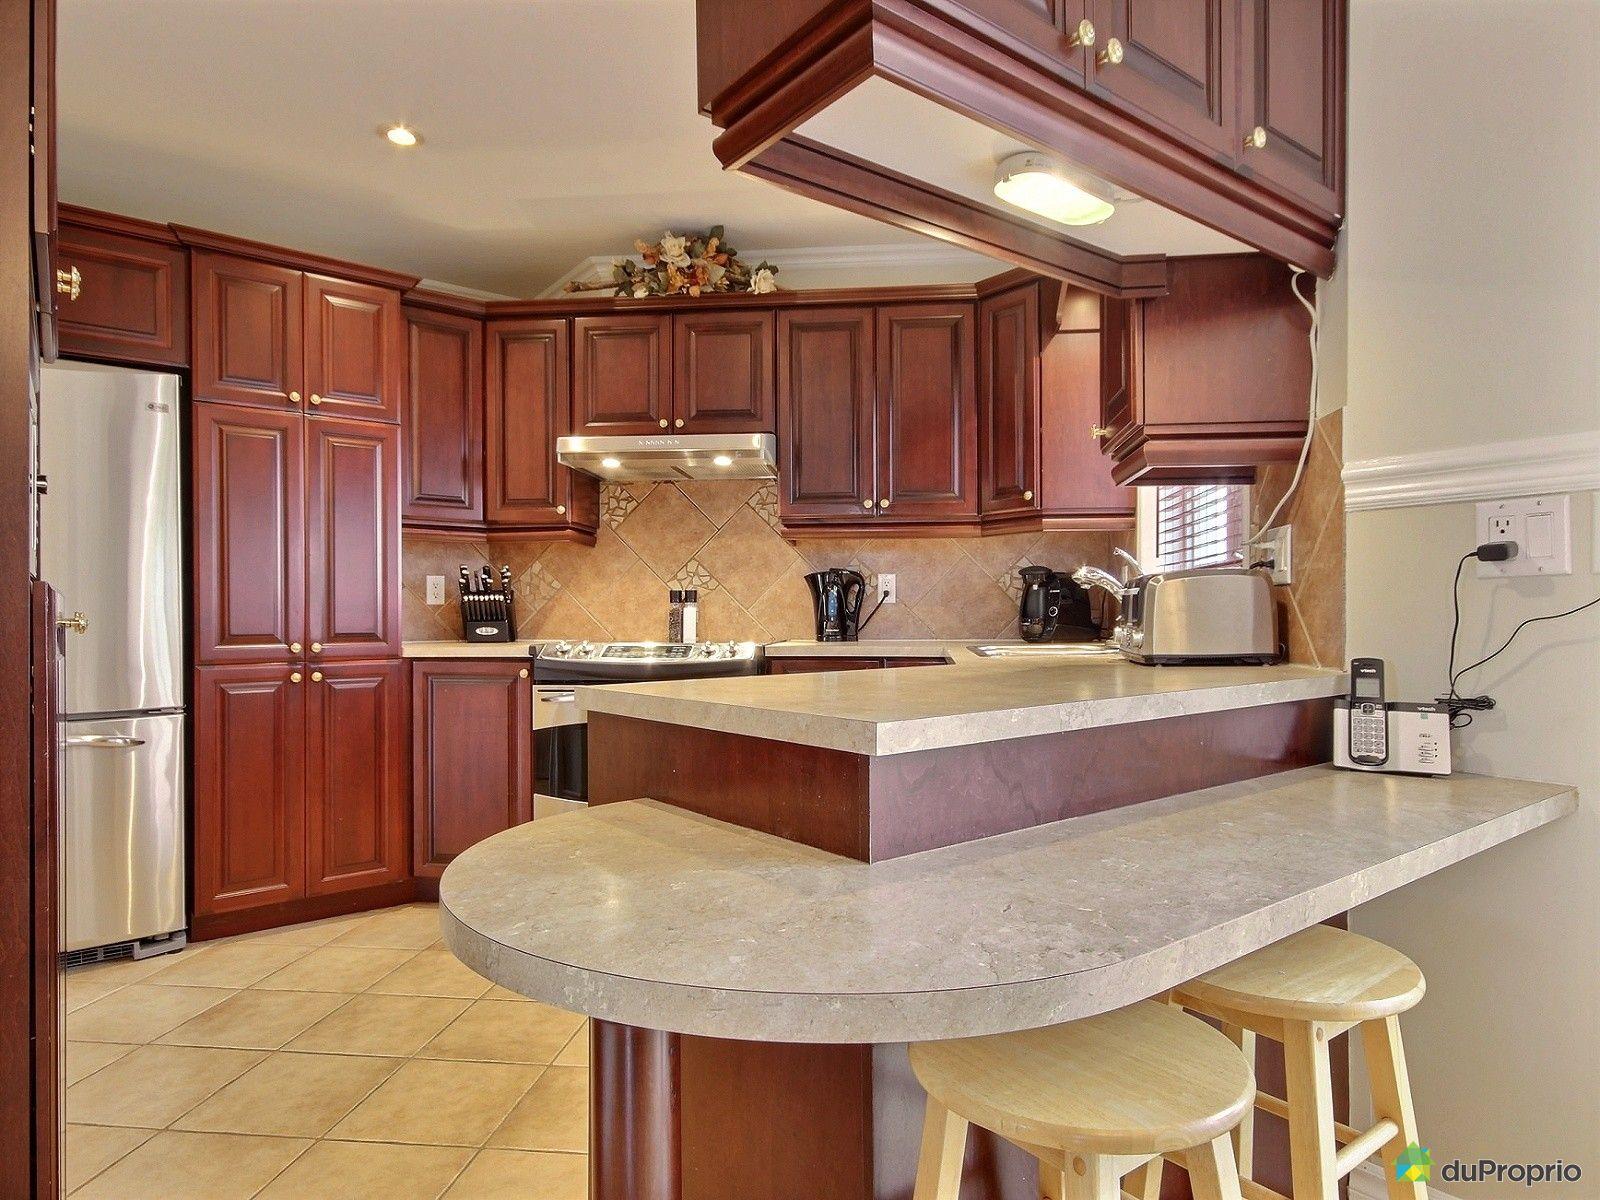 maison vendu richelieu immobilier qu bec duproprio 545225. Black Bedroom Furniture Sets. Home Design Ideas